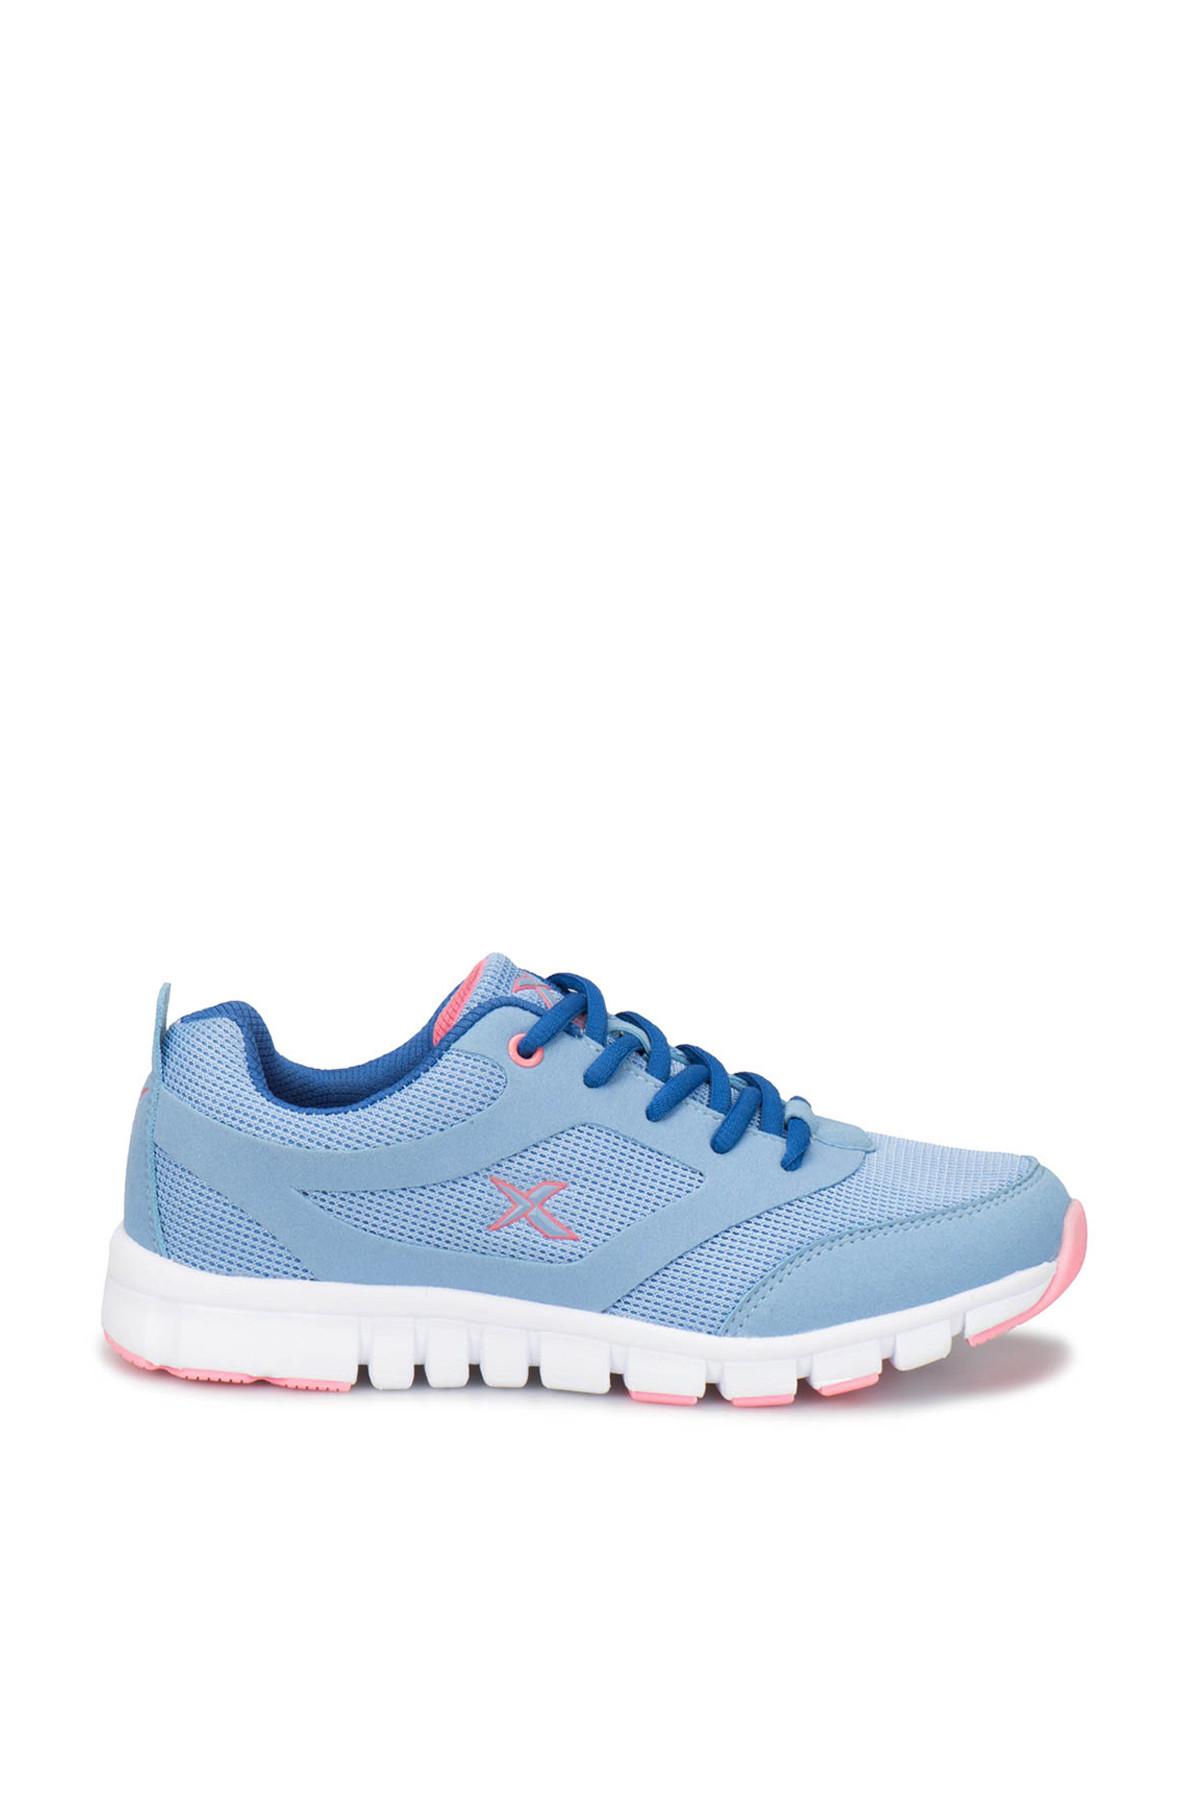 Kinetix ALMERA W Açık Pembe Açık Mavi Beyaz Kadın Fitness Ayakkabısı 100232783 2